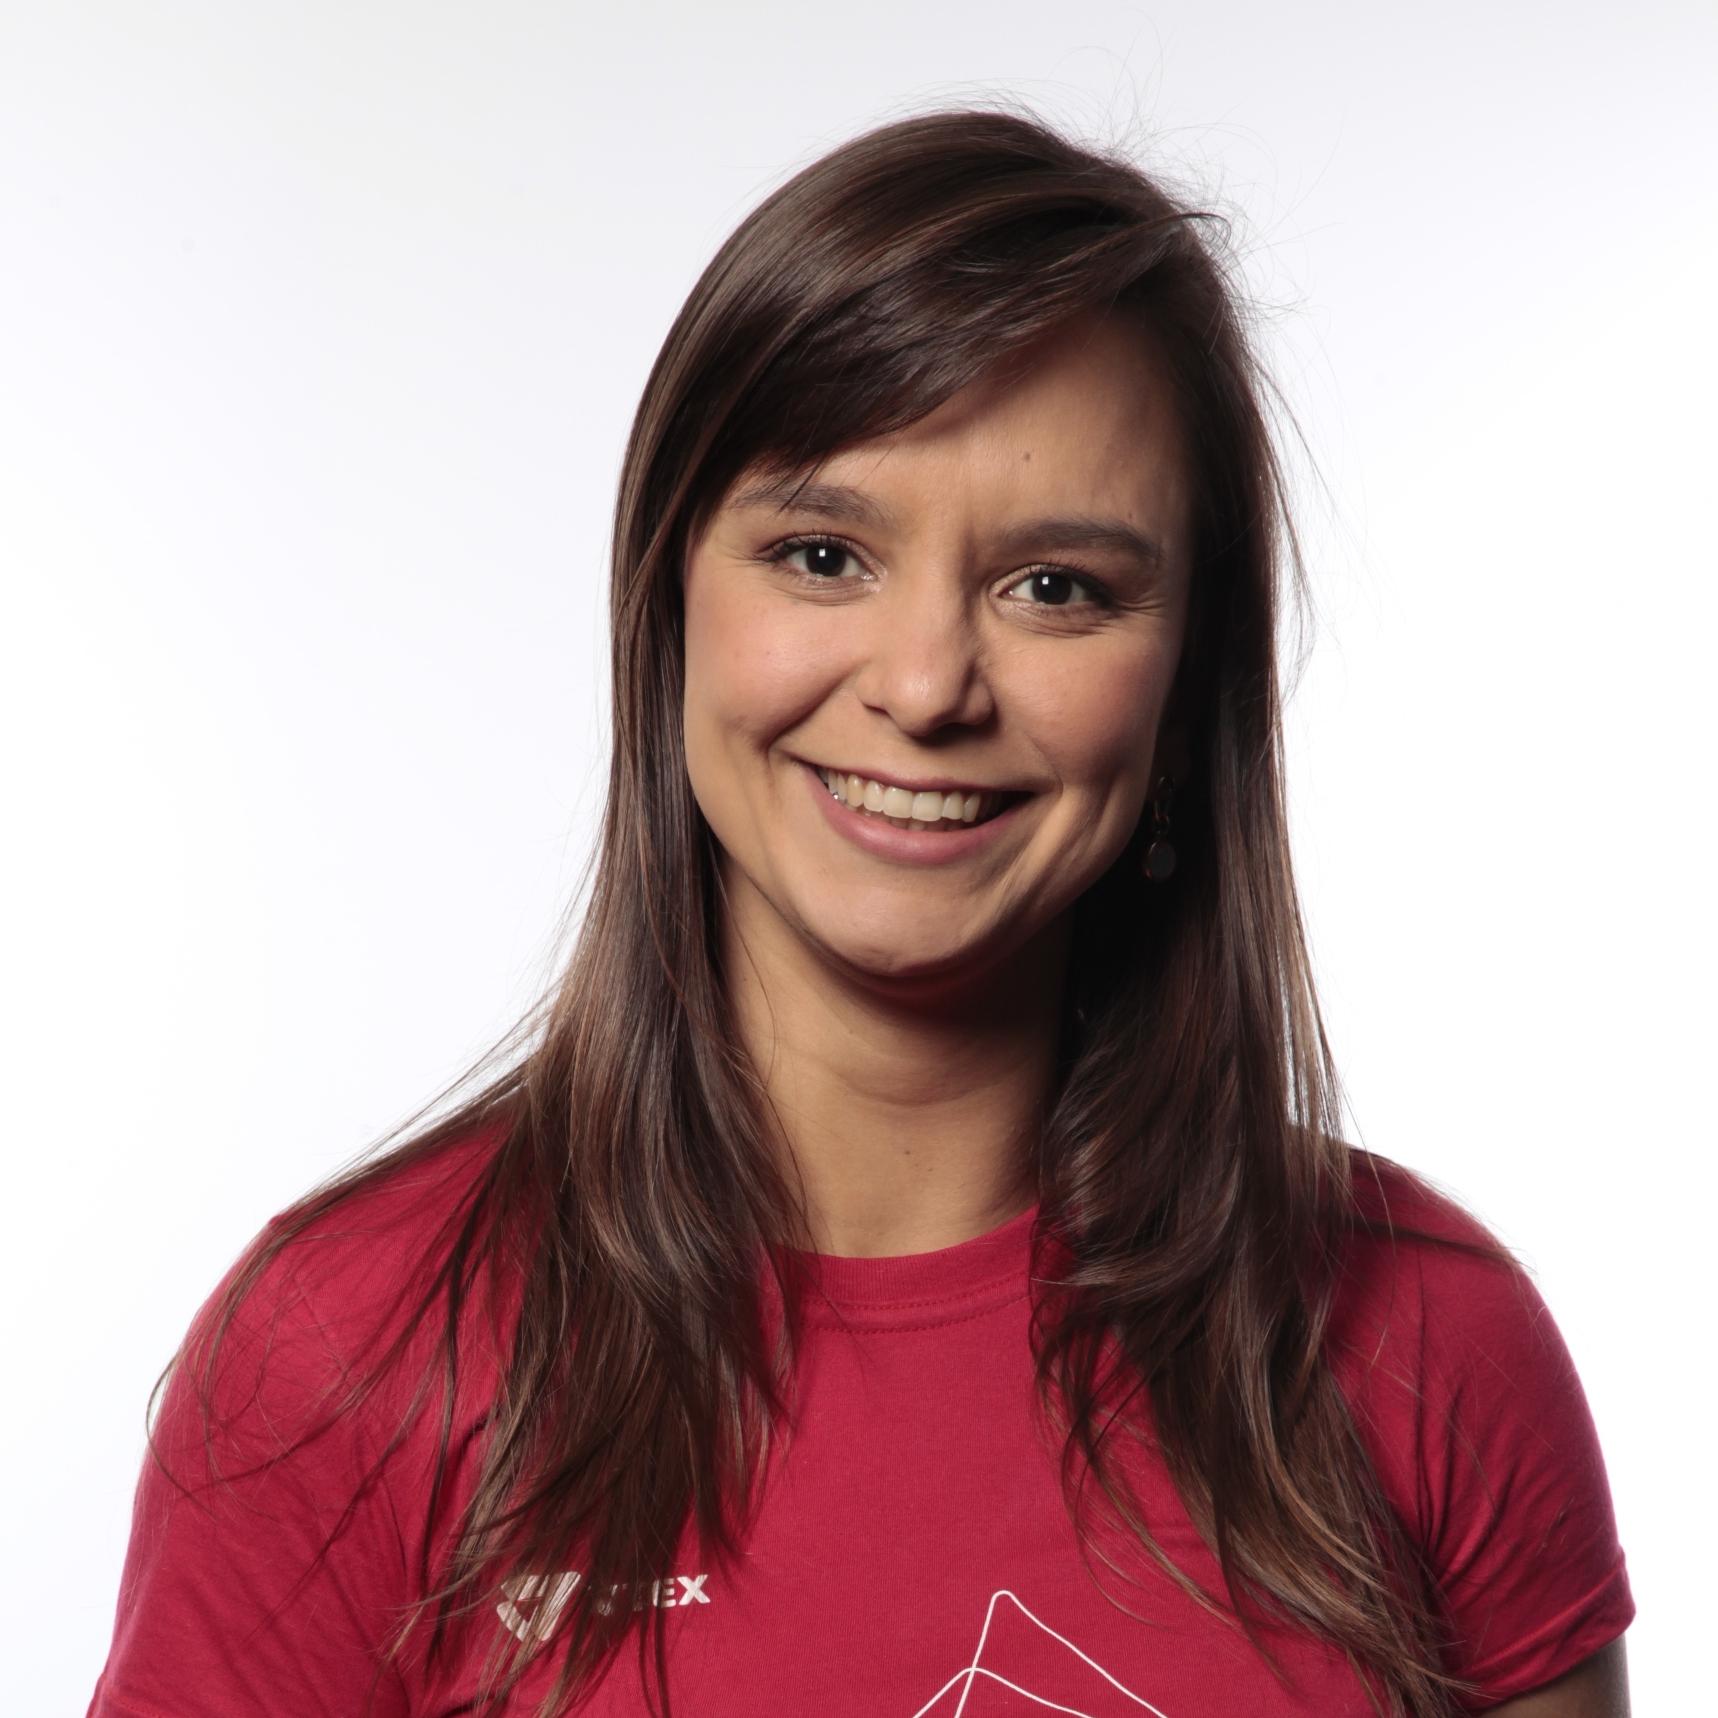 Alessandra Anyzewski